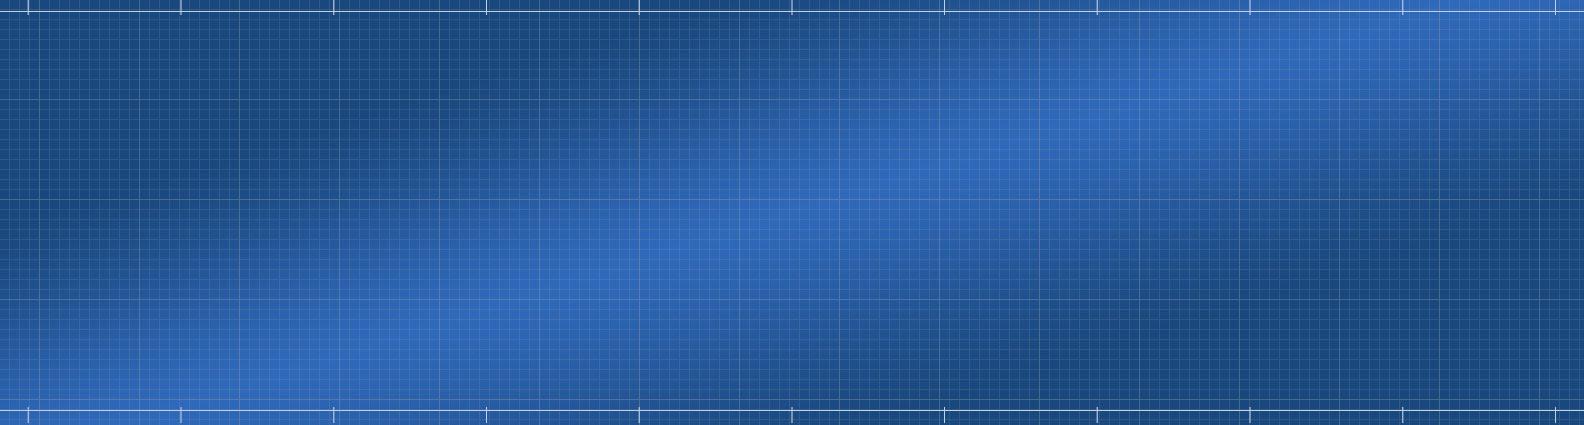 bluprint-grid2